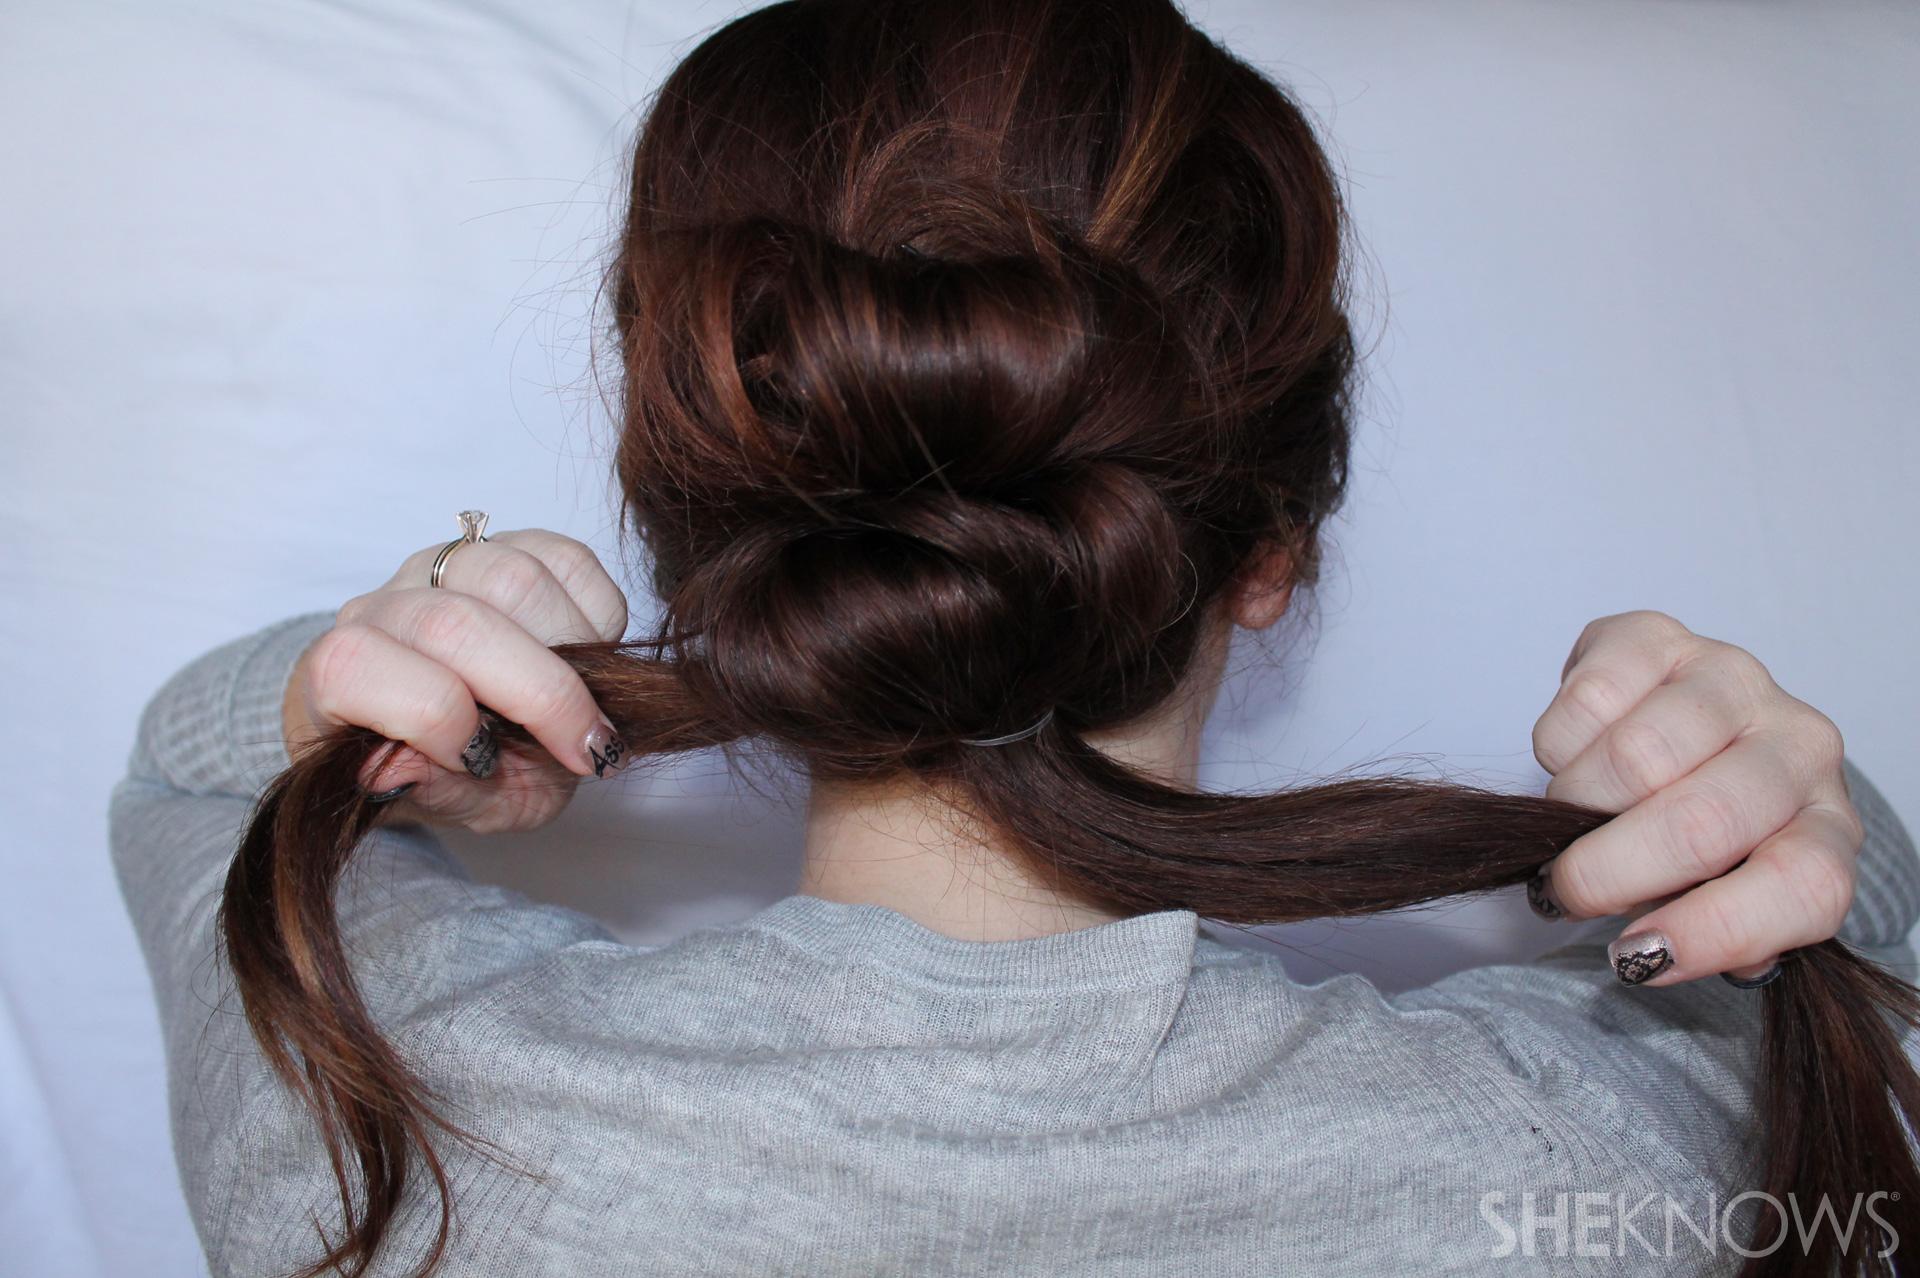 Thin hair tutorial | Sheknows.com - step 13